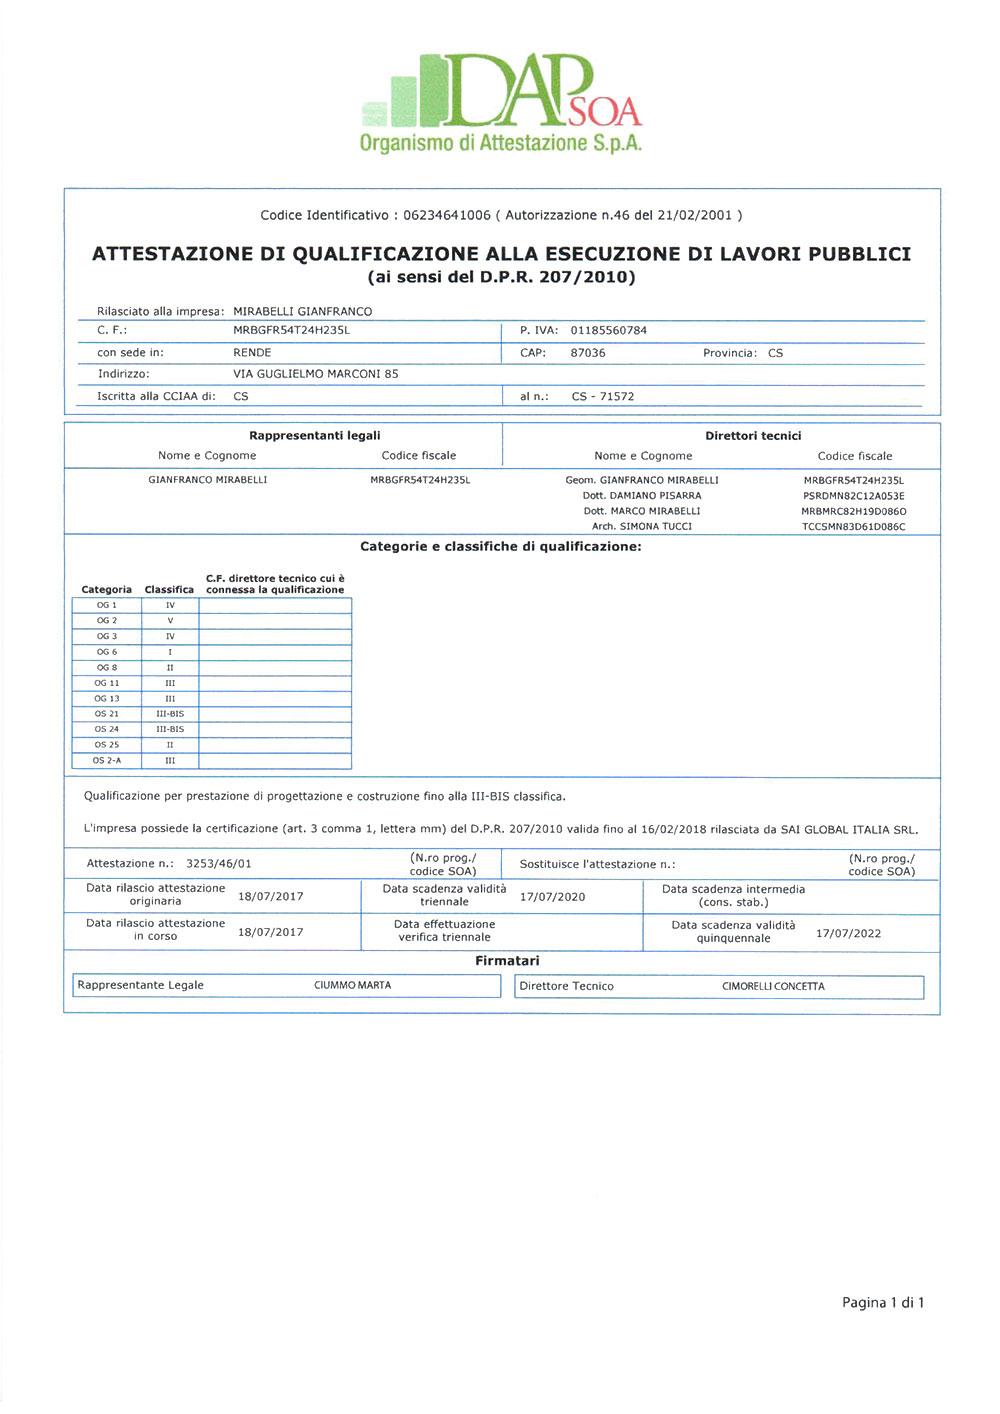 Certificazione DAP-SOA